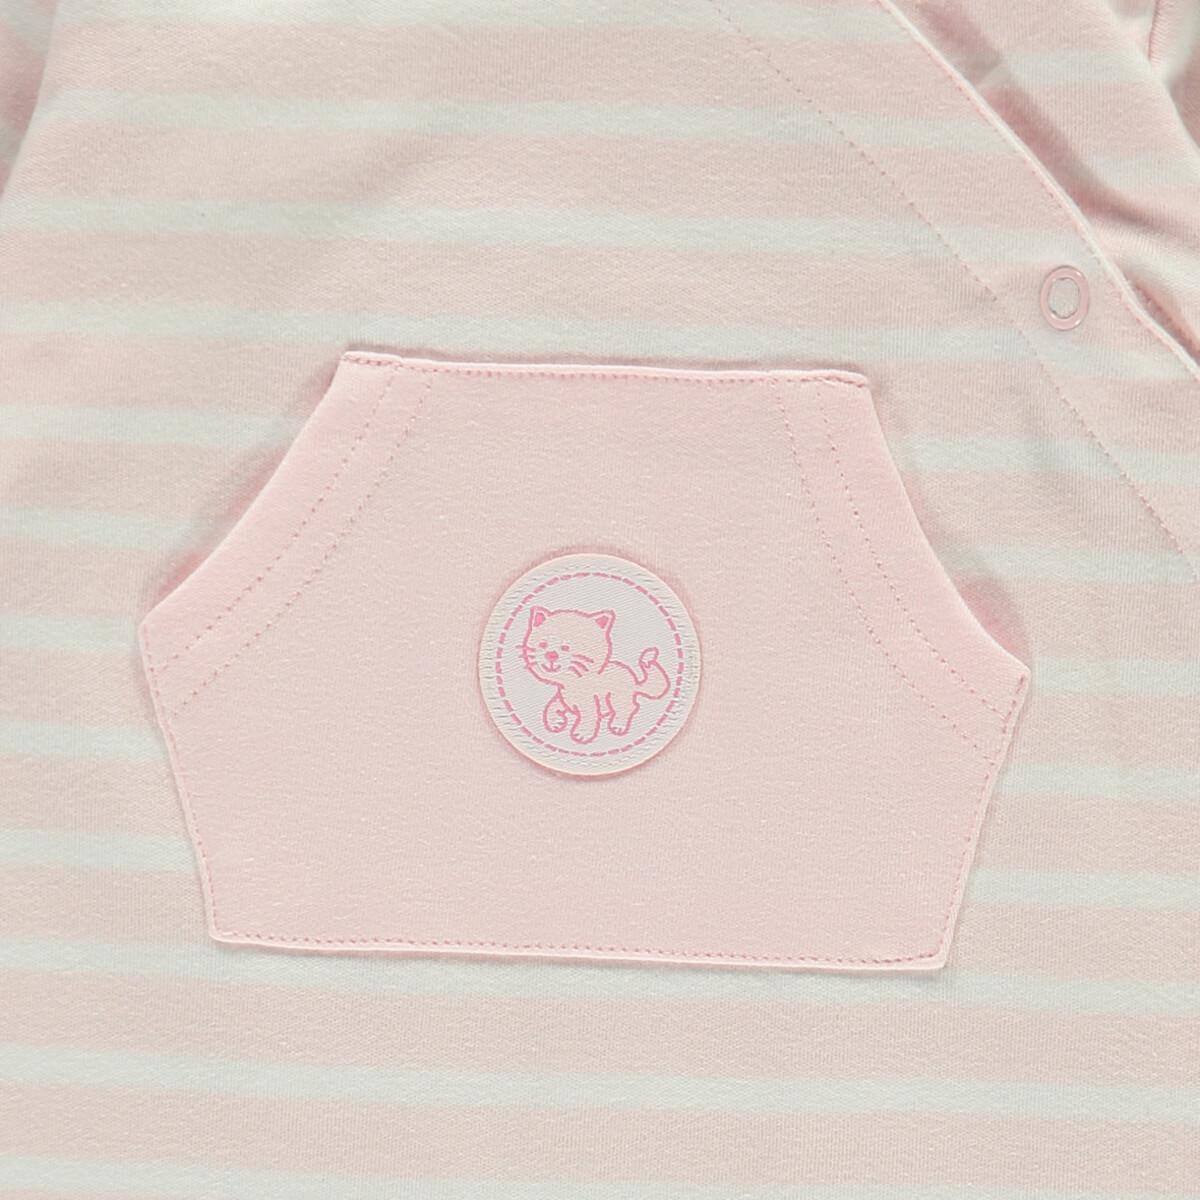 Bild 3 von Baby Mädchen Pyjama einteilig